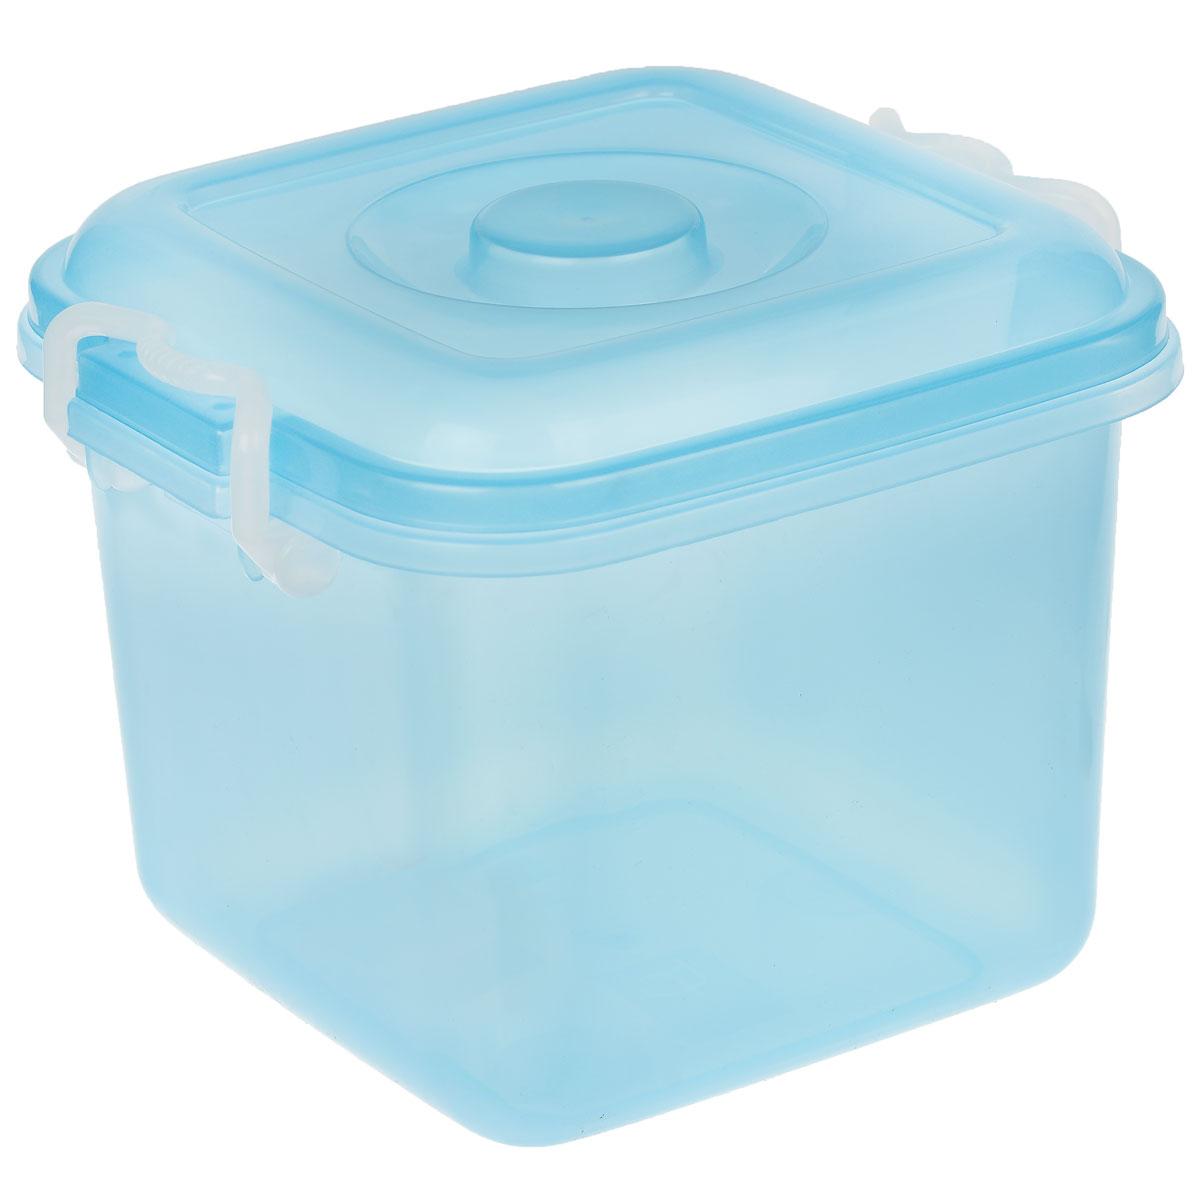 Контейнер для хранения Idea Океаник, цвет: голубой, 8 лМ 2856Контейнер Idea Океаник выполнен из пищевого пластика, предназначен для хранения различных вещей.Контейнер снабжен эргономичной плотно закрывающейся крышкой со специальными боковыми фиксаторами.